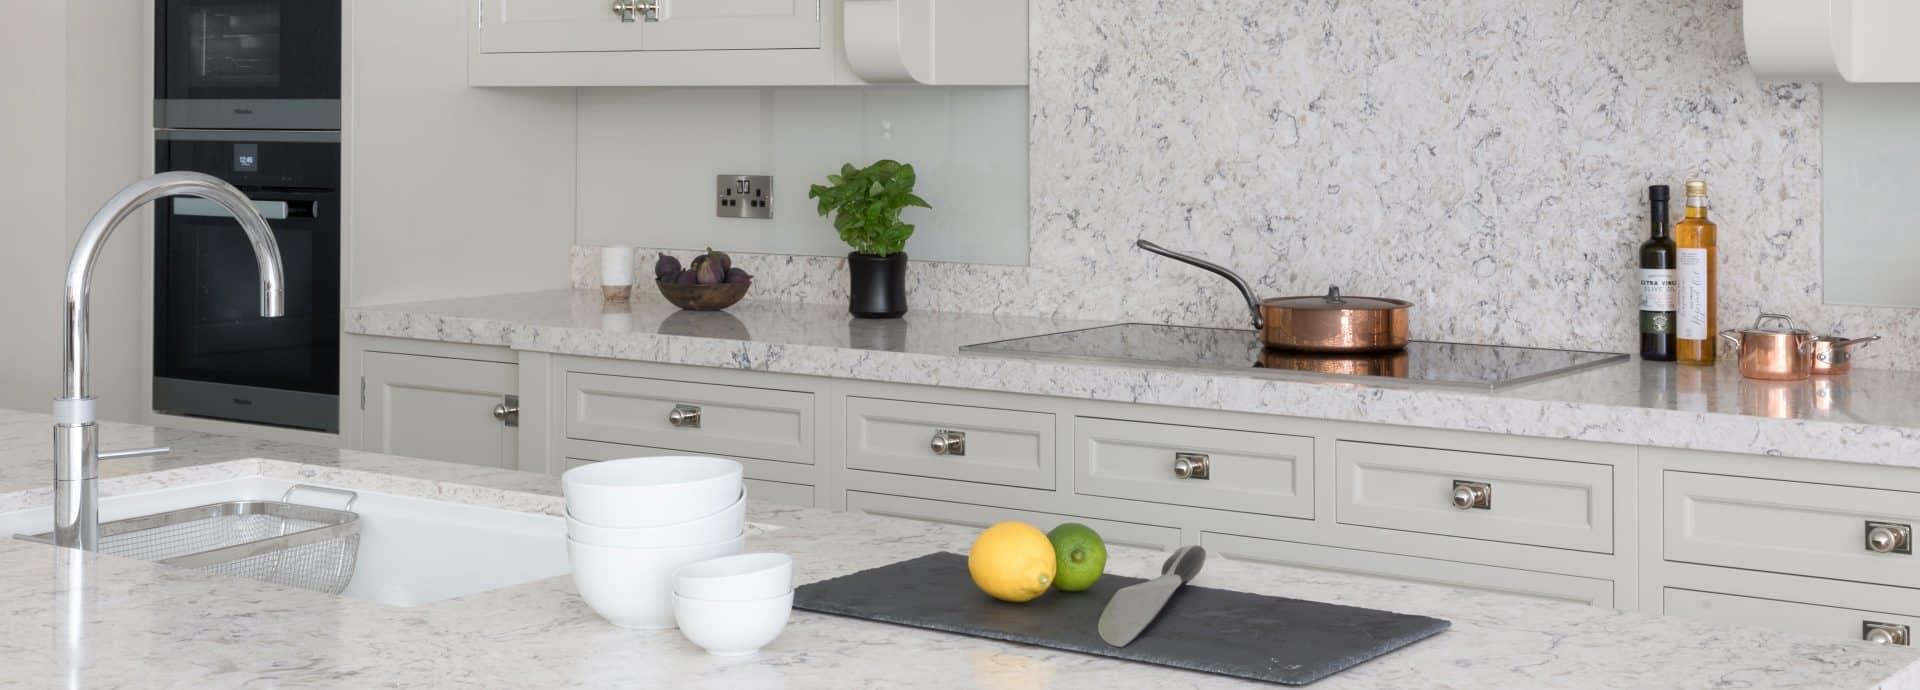 quartz countertops London